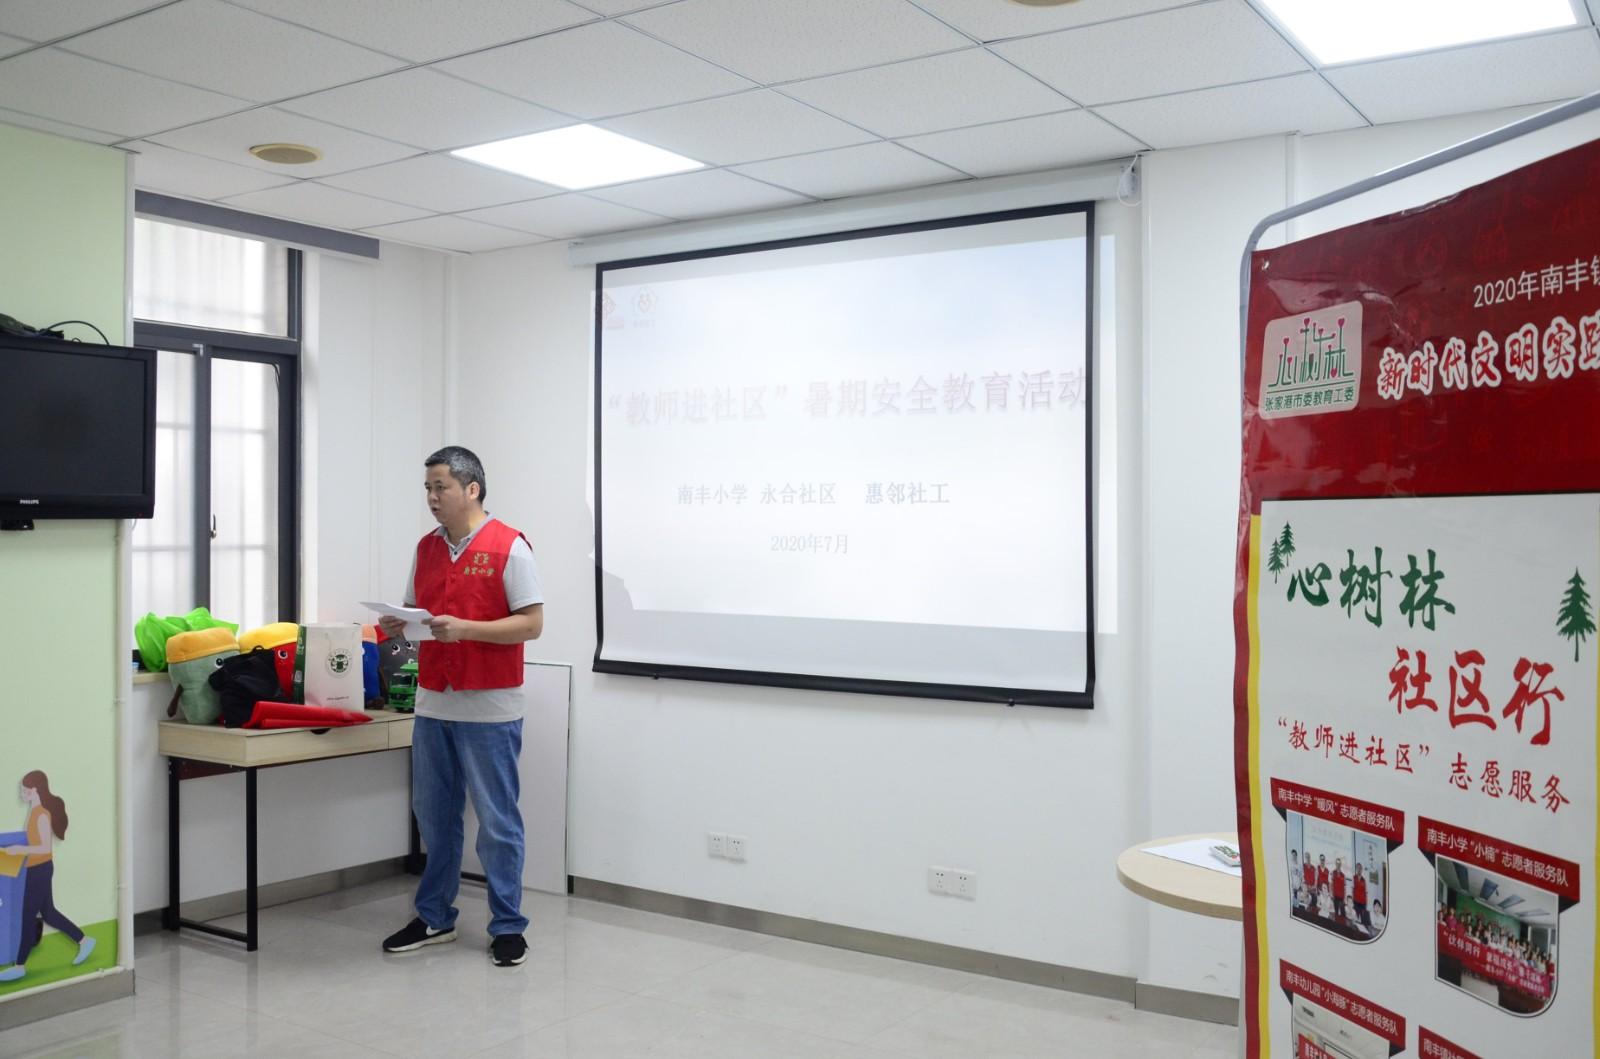 http://www.goschool.org.cn/d/file/11331167.jpg